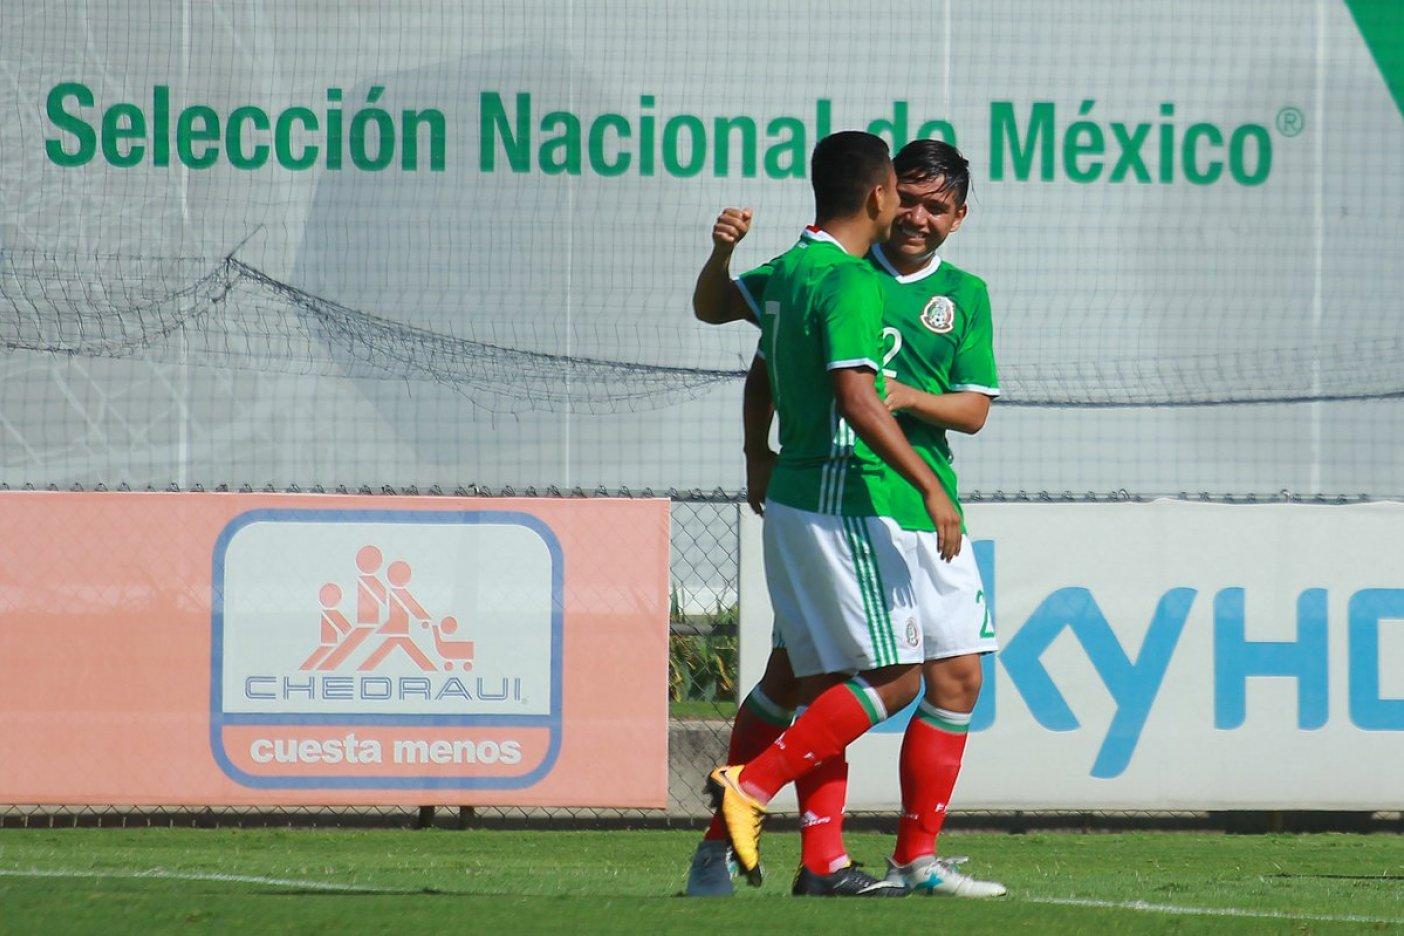 Goleada de la Sub-17 en el Torneo 4 Naciones en México